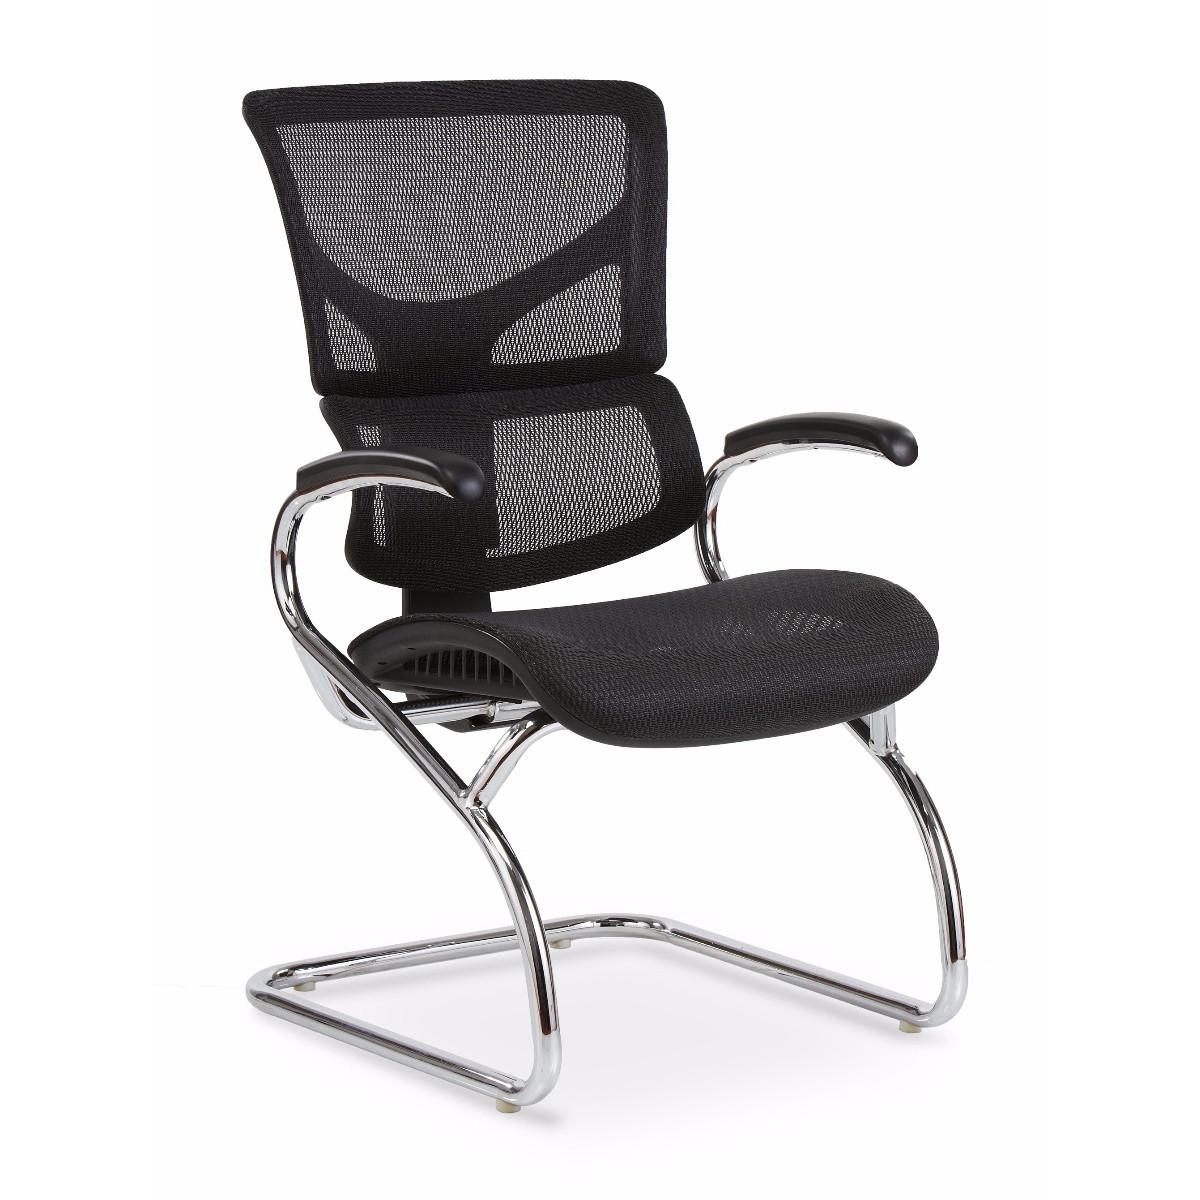 x-chair side chair